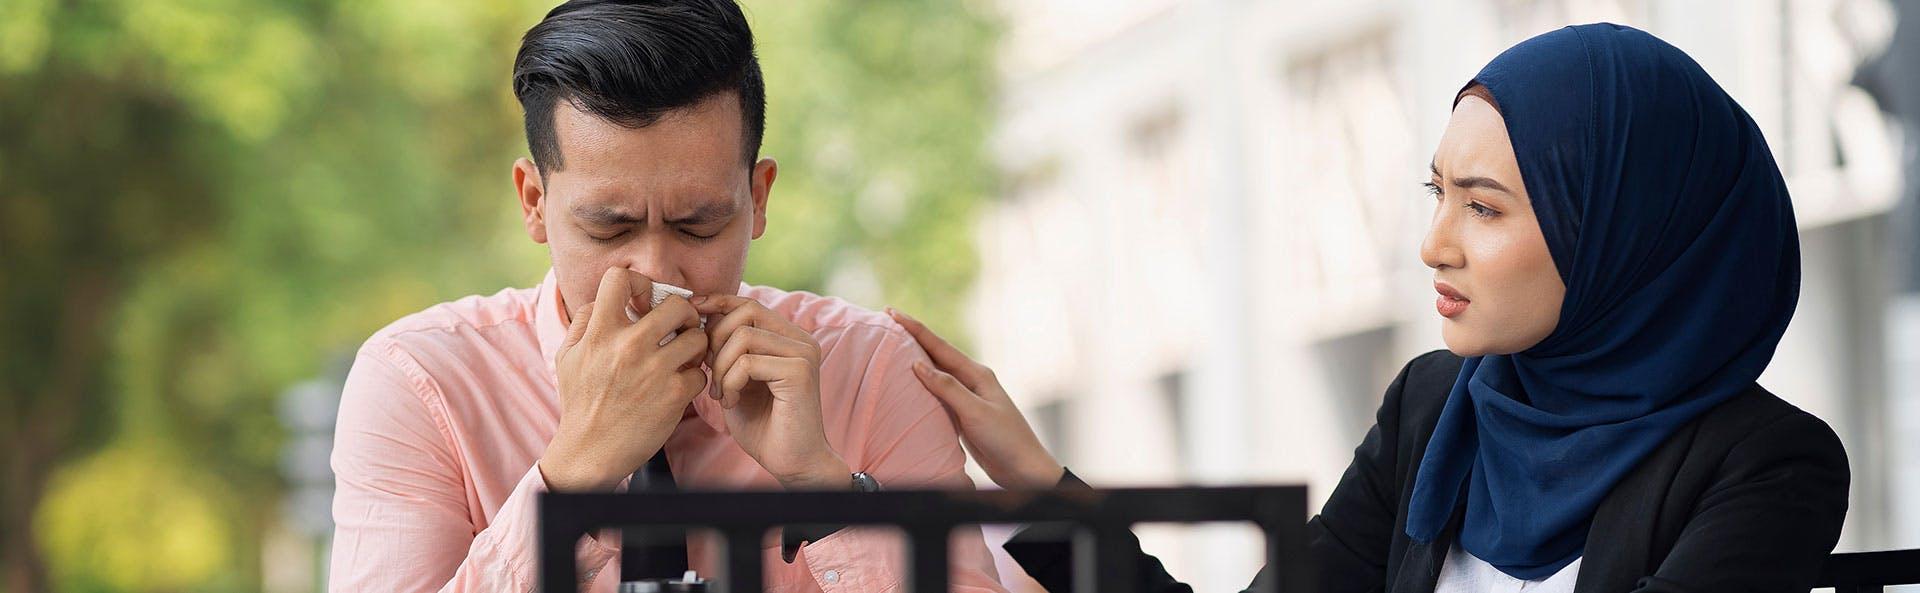 رجل يعاني من زكام وامرأة بقربه